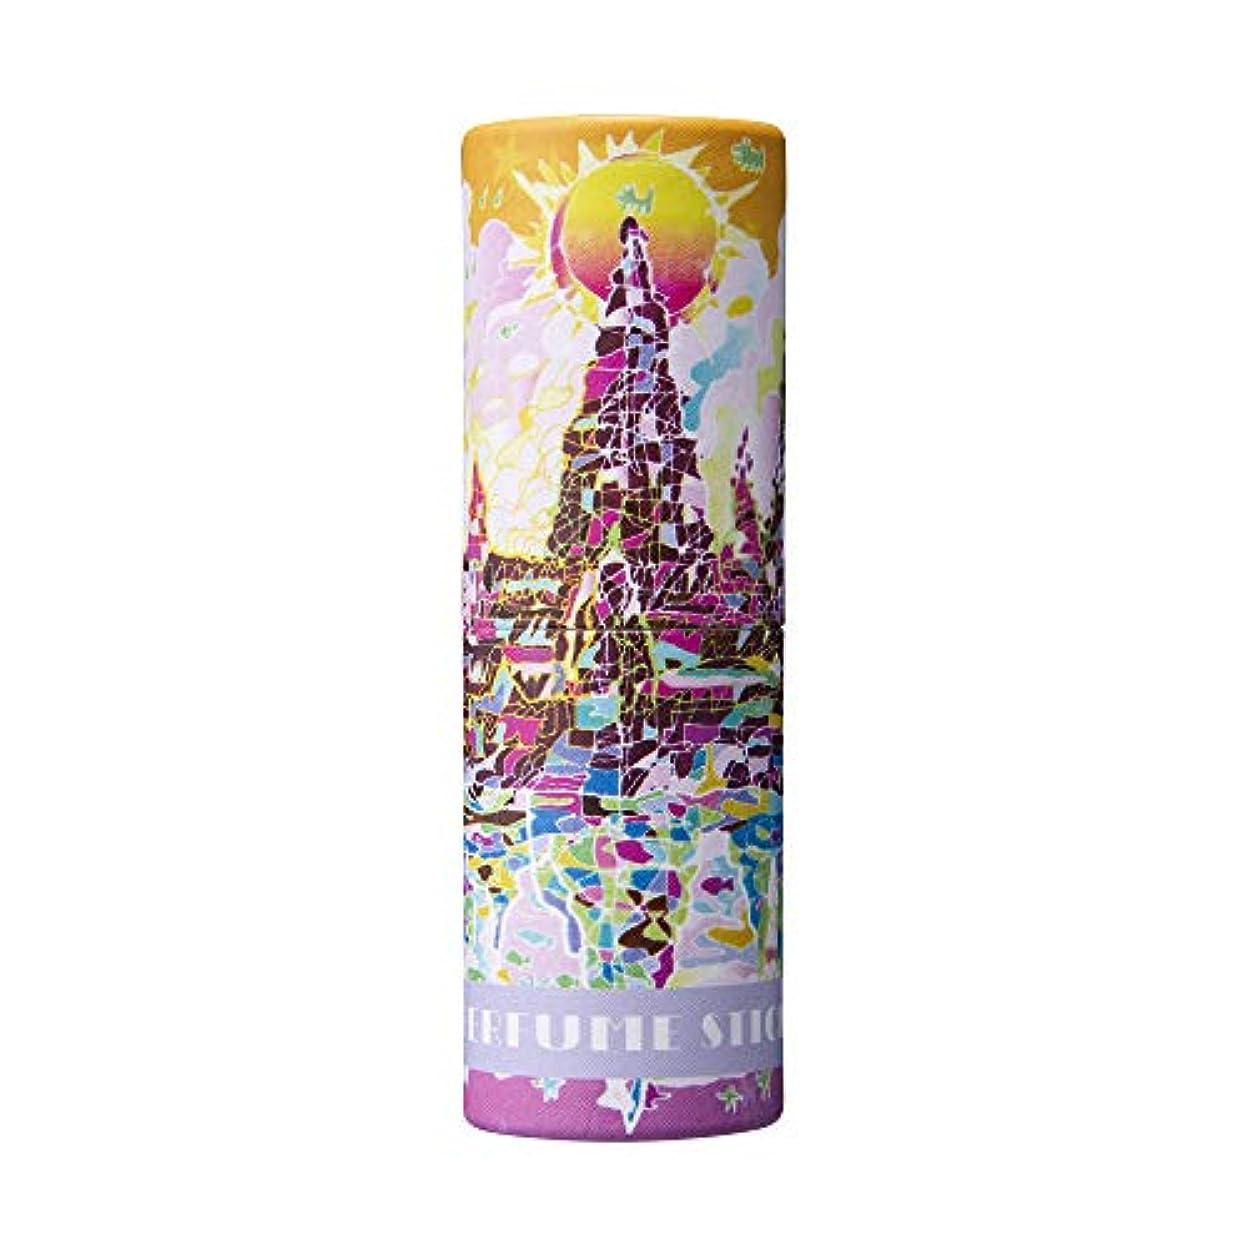 店員励起前売パフュームスティック ドリーム ペア&ピーチの香り 世界遺産デザイン 5g